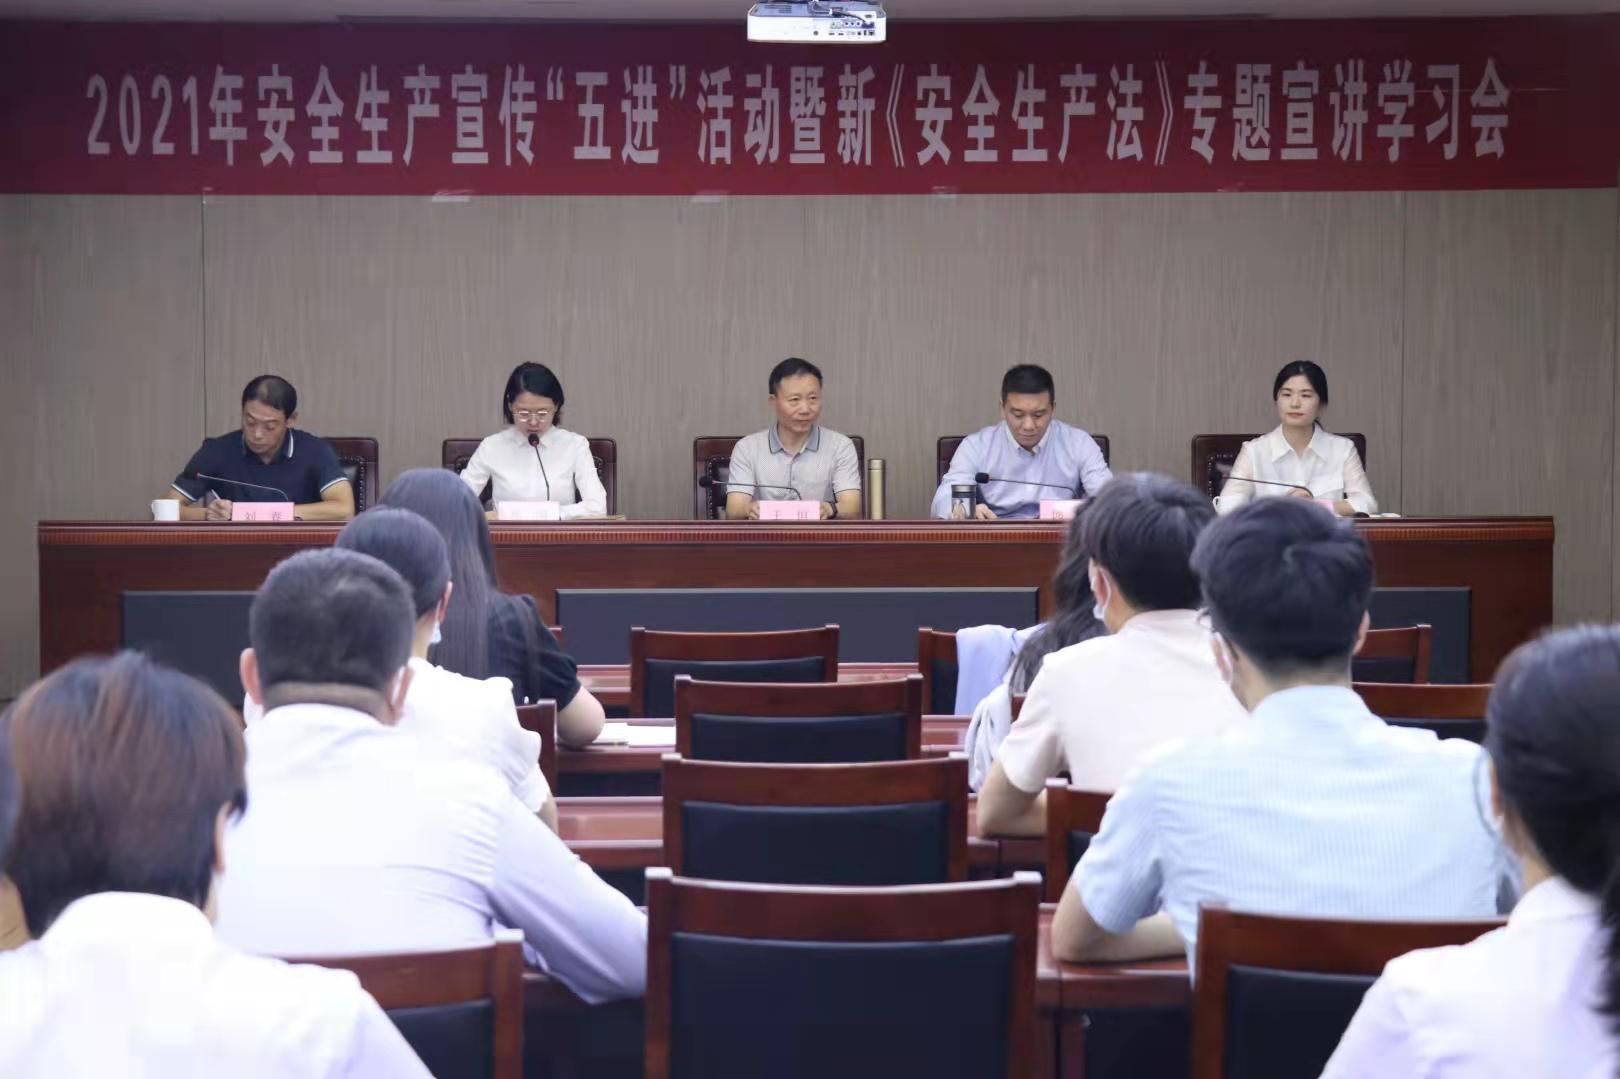 """团市委举办安全生产宣传""""五进""""活动暨新《安全生产法》专题宣讲学习会"""